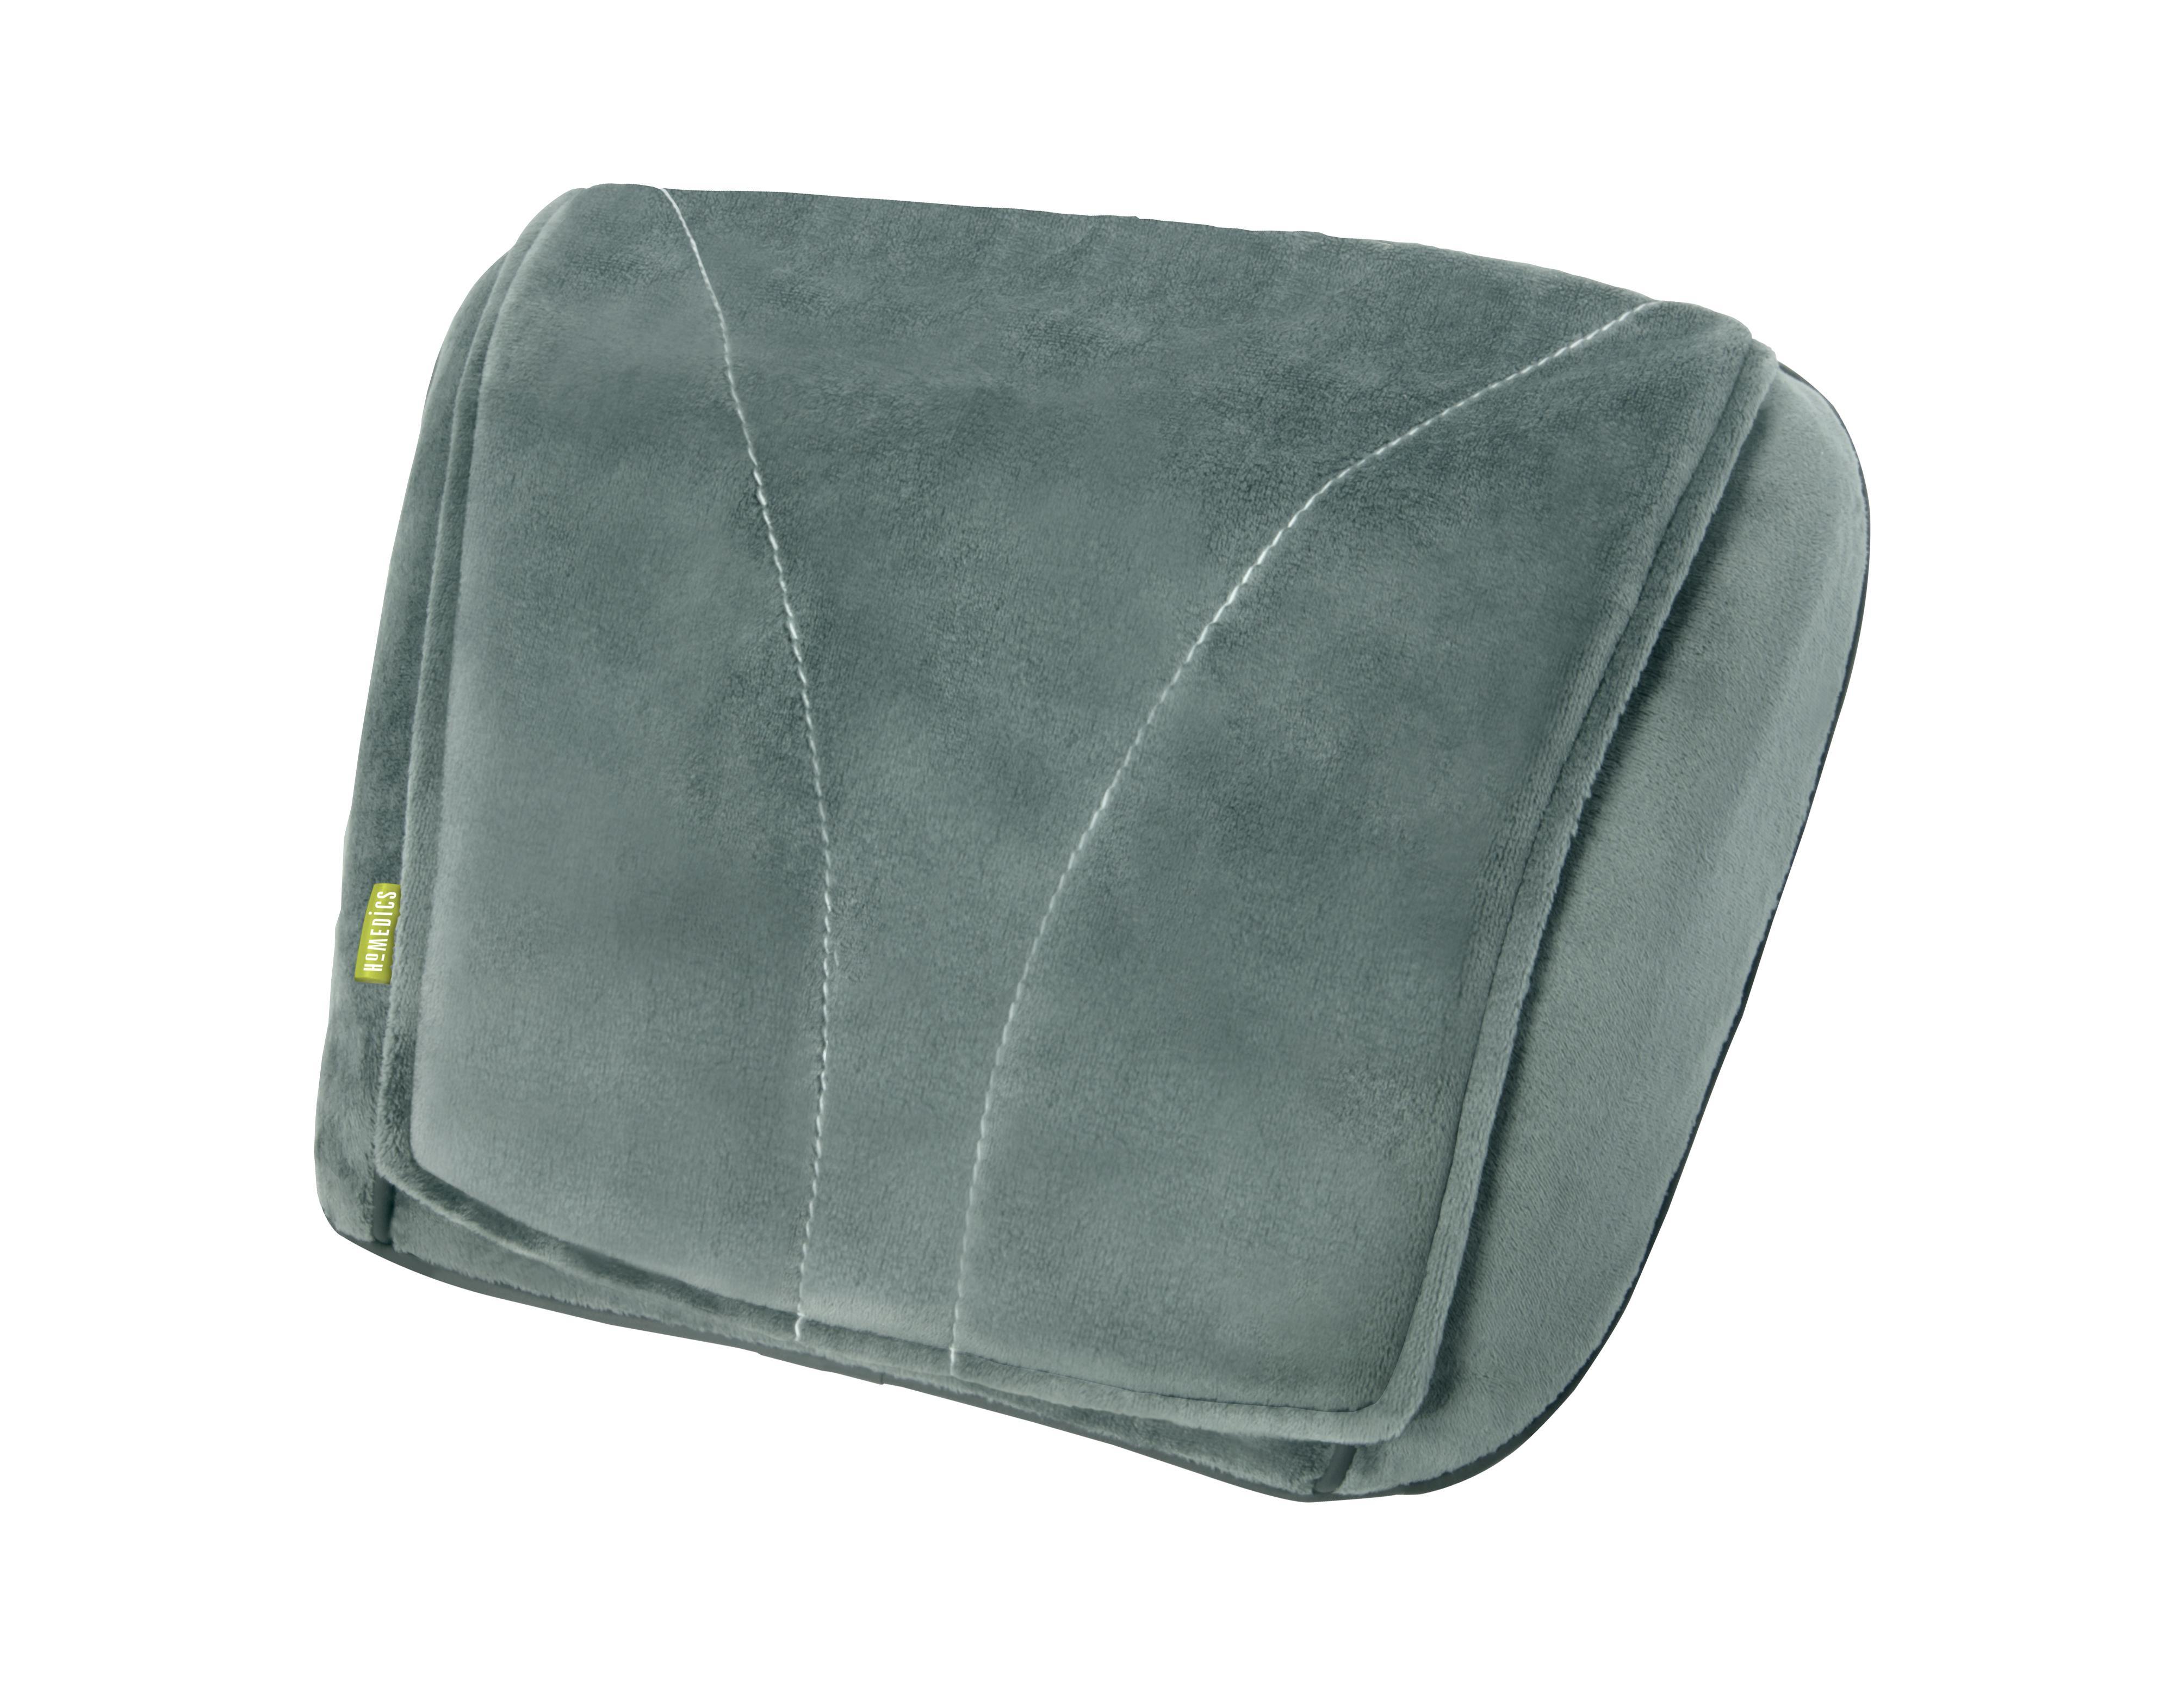 HoMedics Shiatsu Massage Pillow All Purpose Deep Kneading Shiatsu